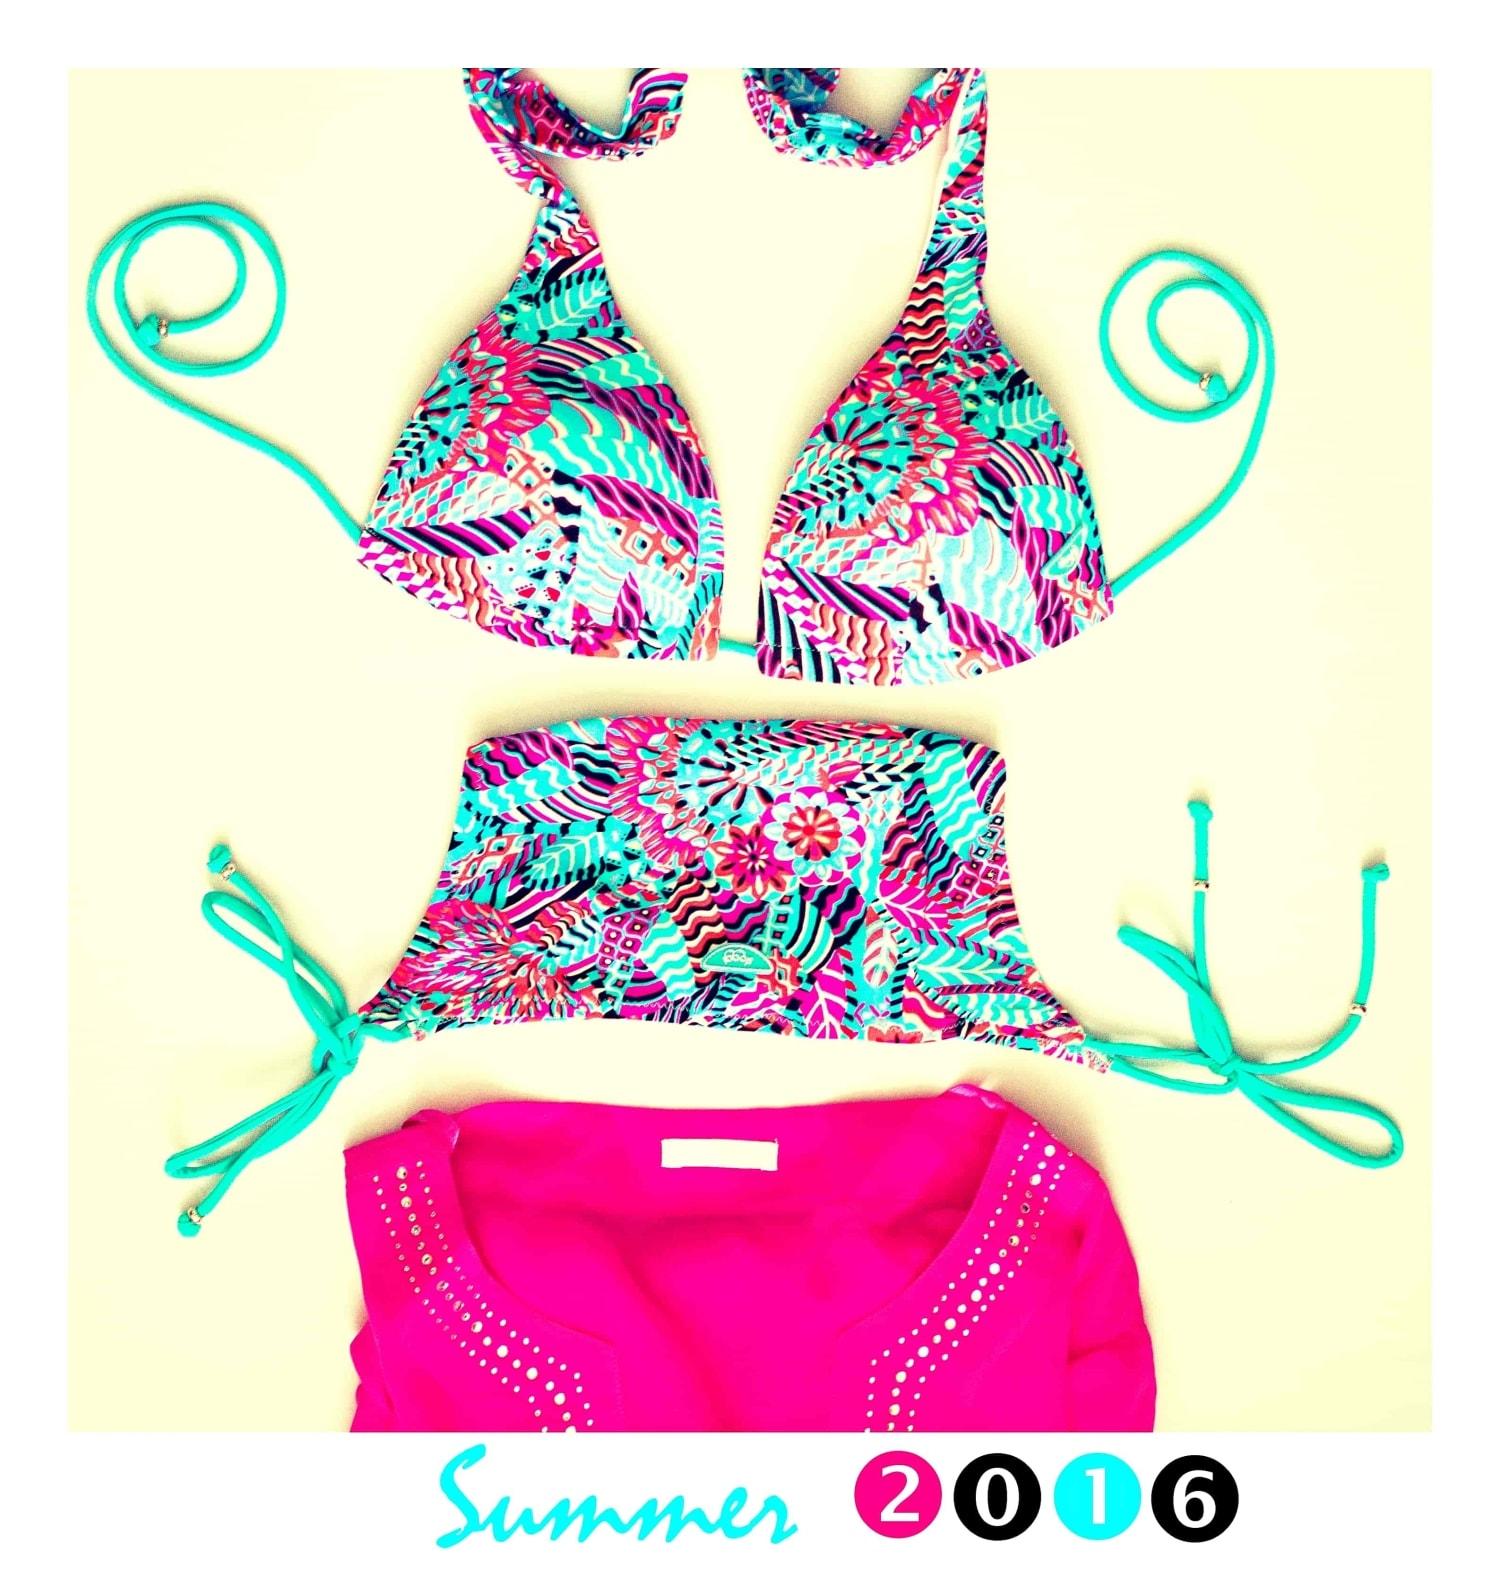 Plavky na leto_Katharine-fashion is beautiful blog_Pestrofarebné plavky_Swimmwear_Katarína Jakubčová_Fashion blogger